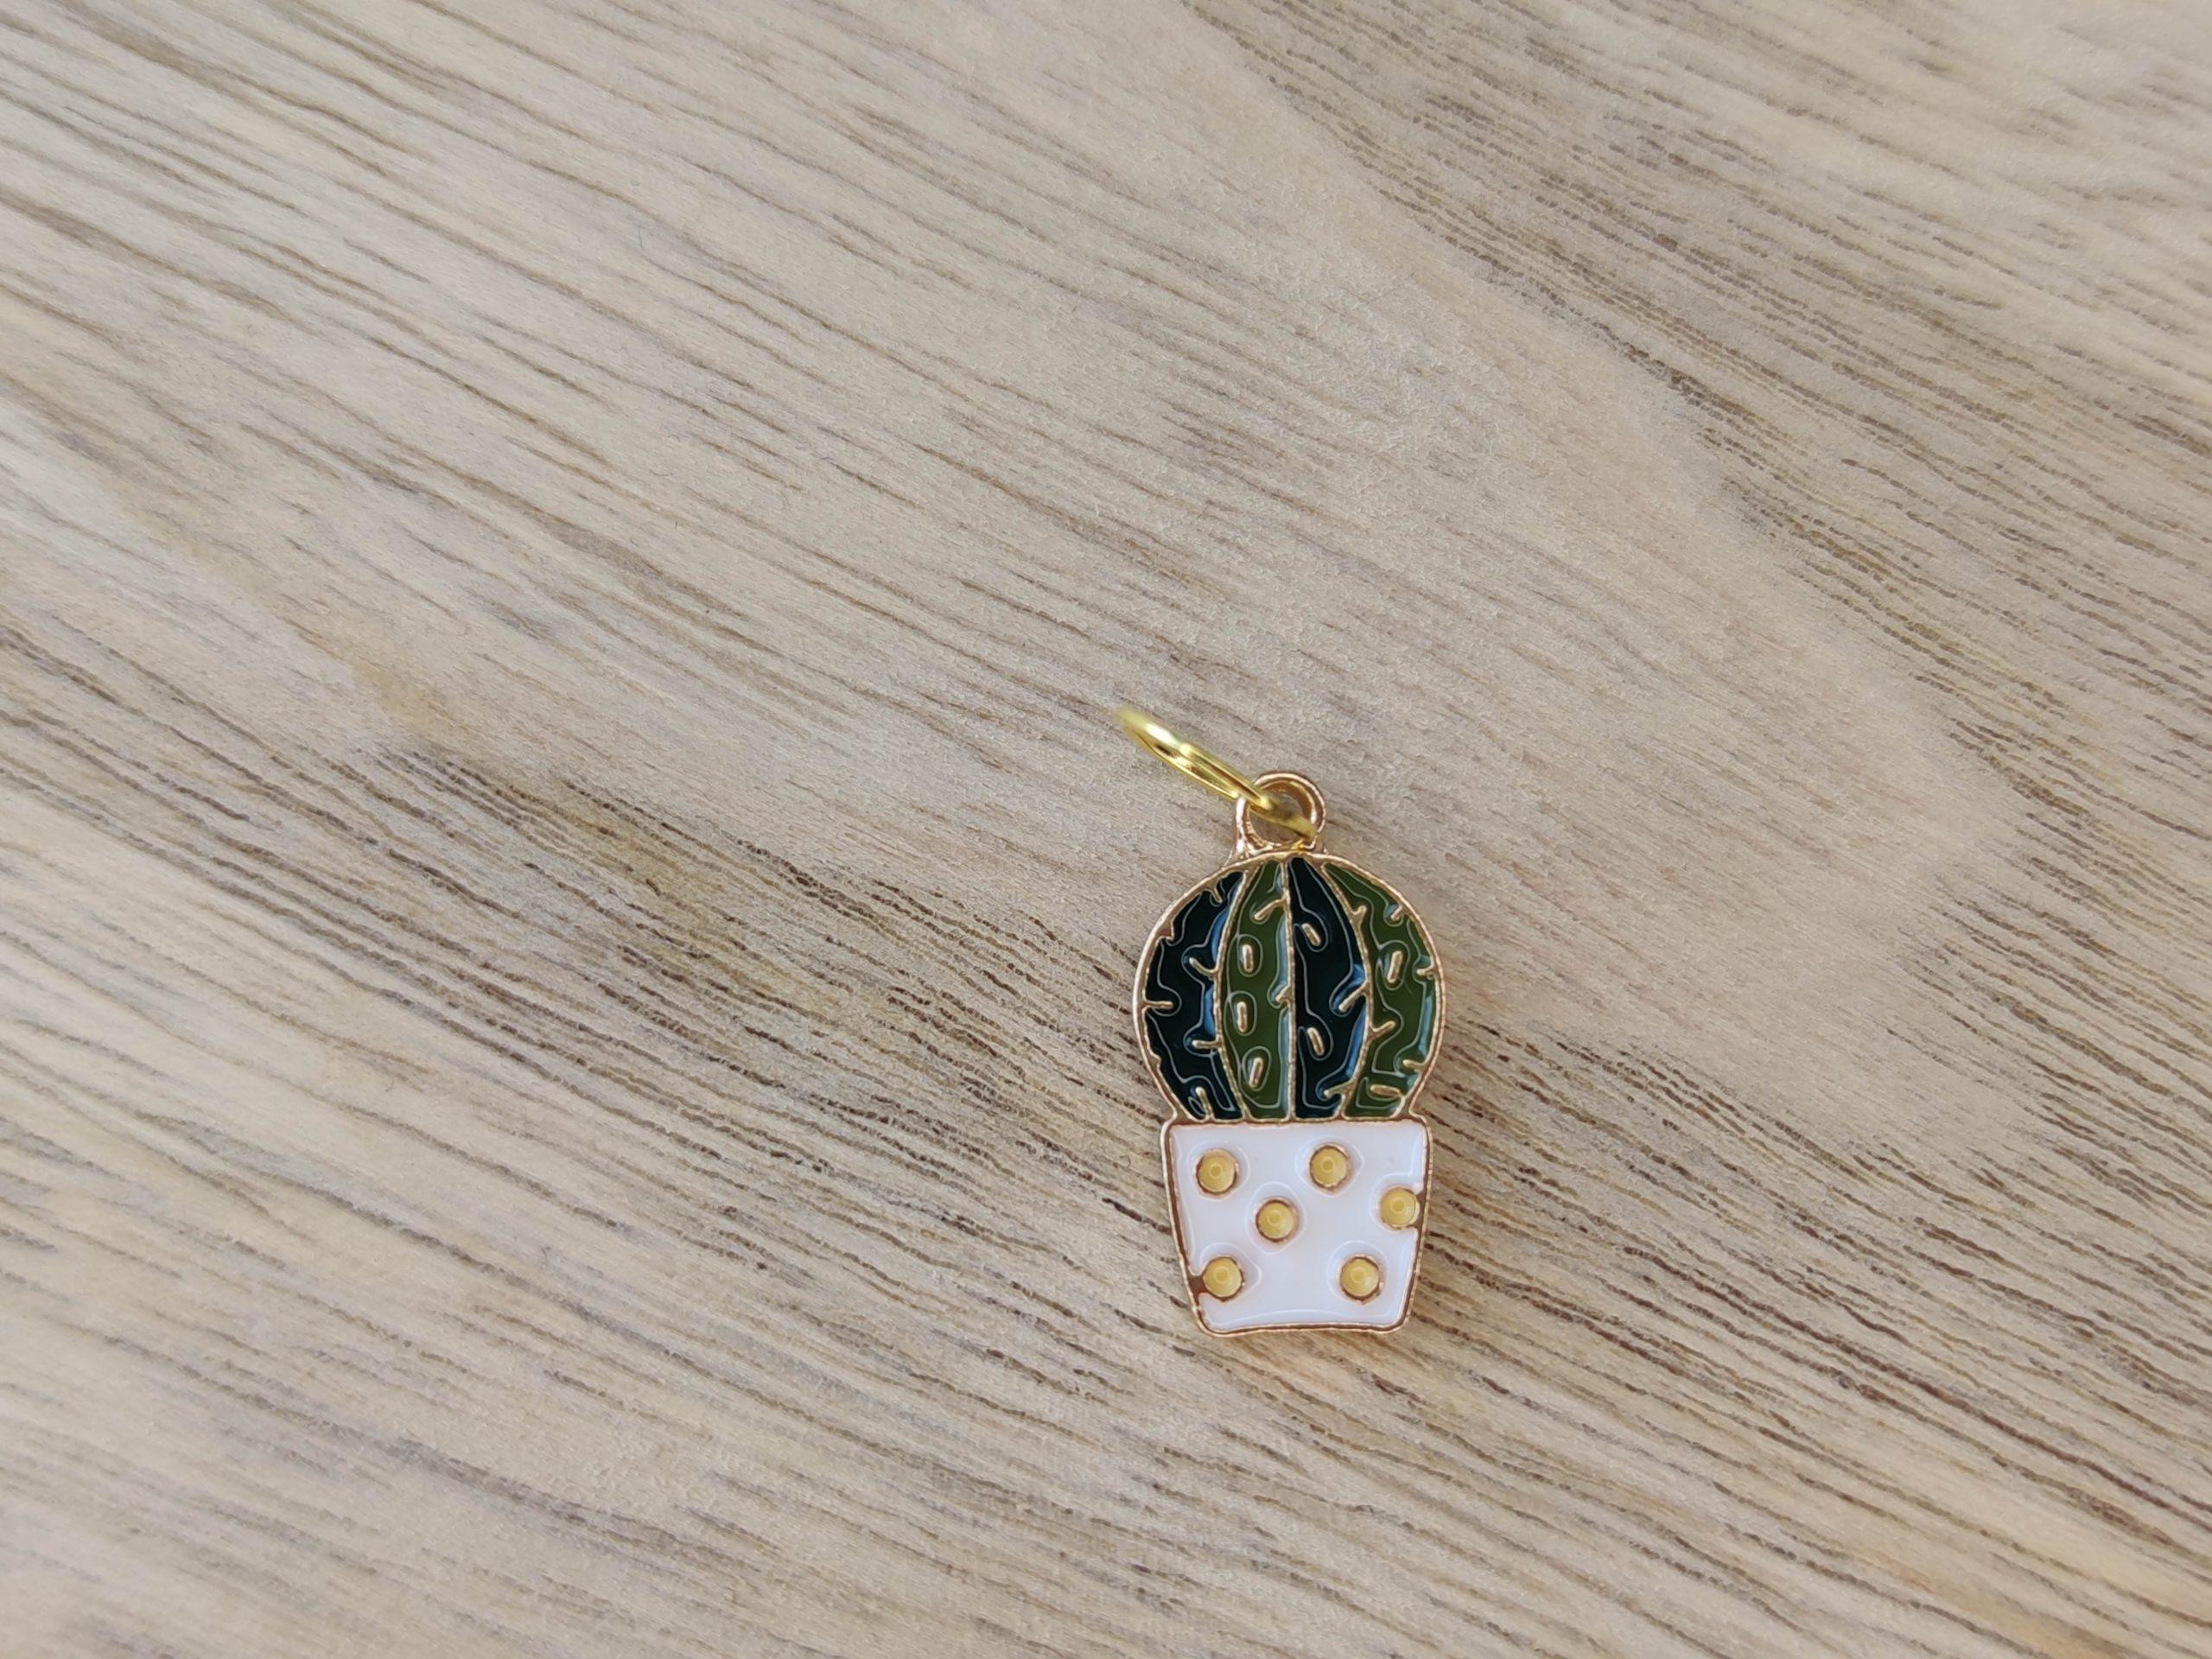 Anneaux marqueurs tricot - Cactus - Accessoires tricot - Maloraé Designs